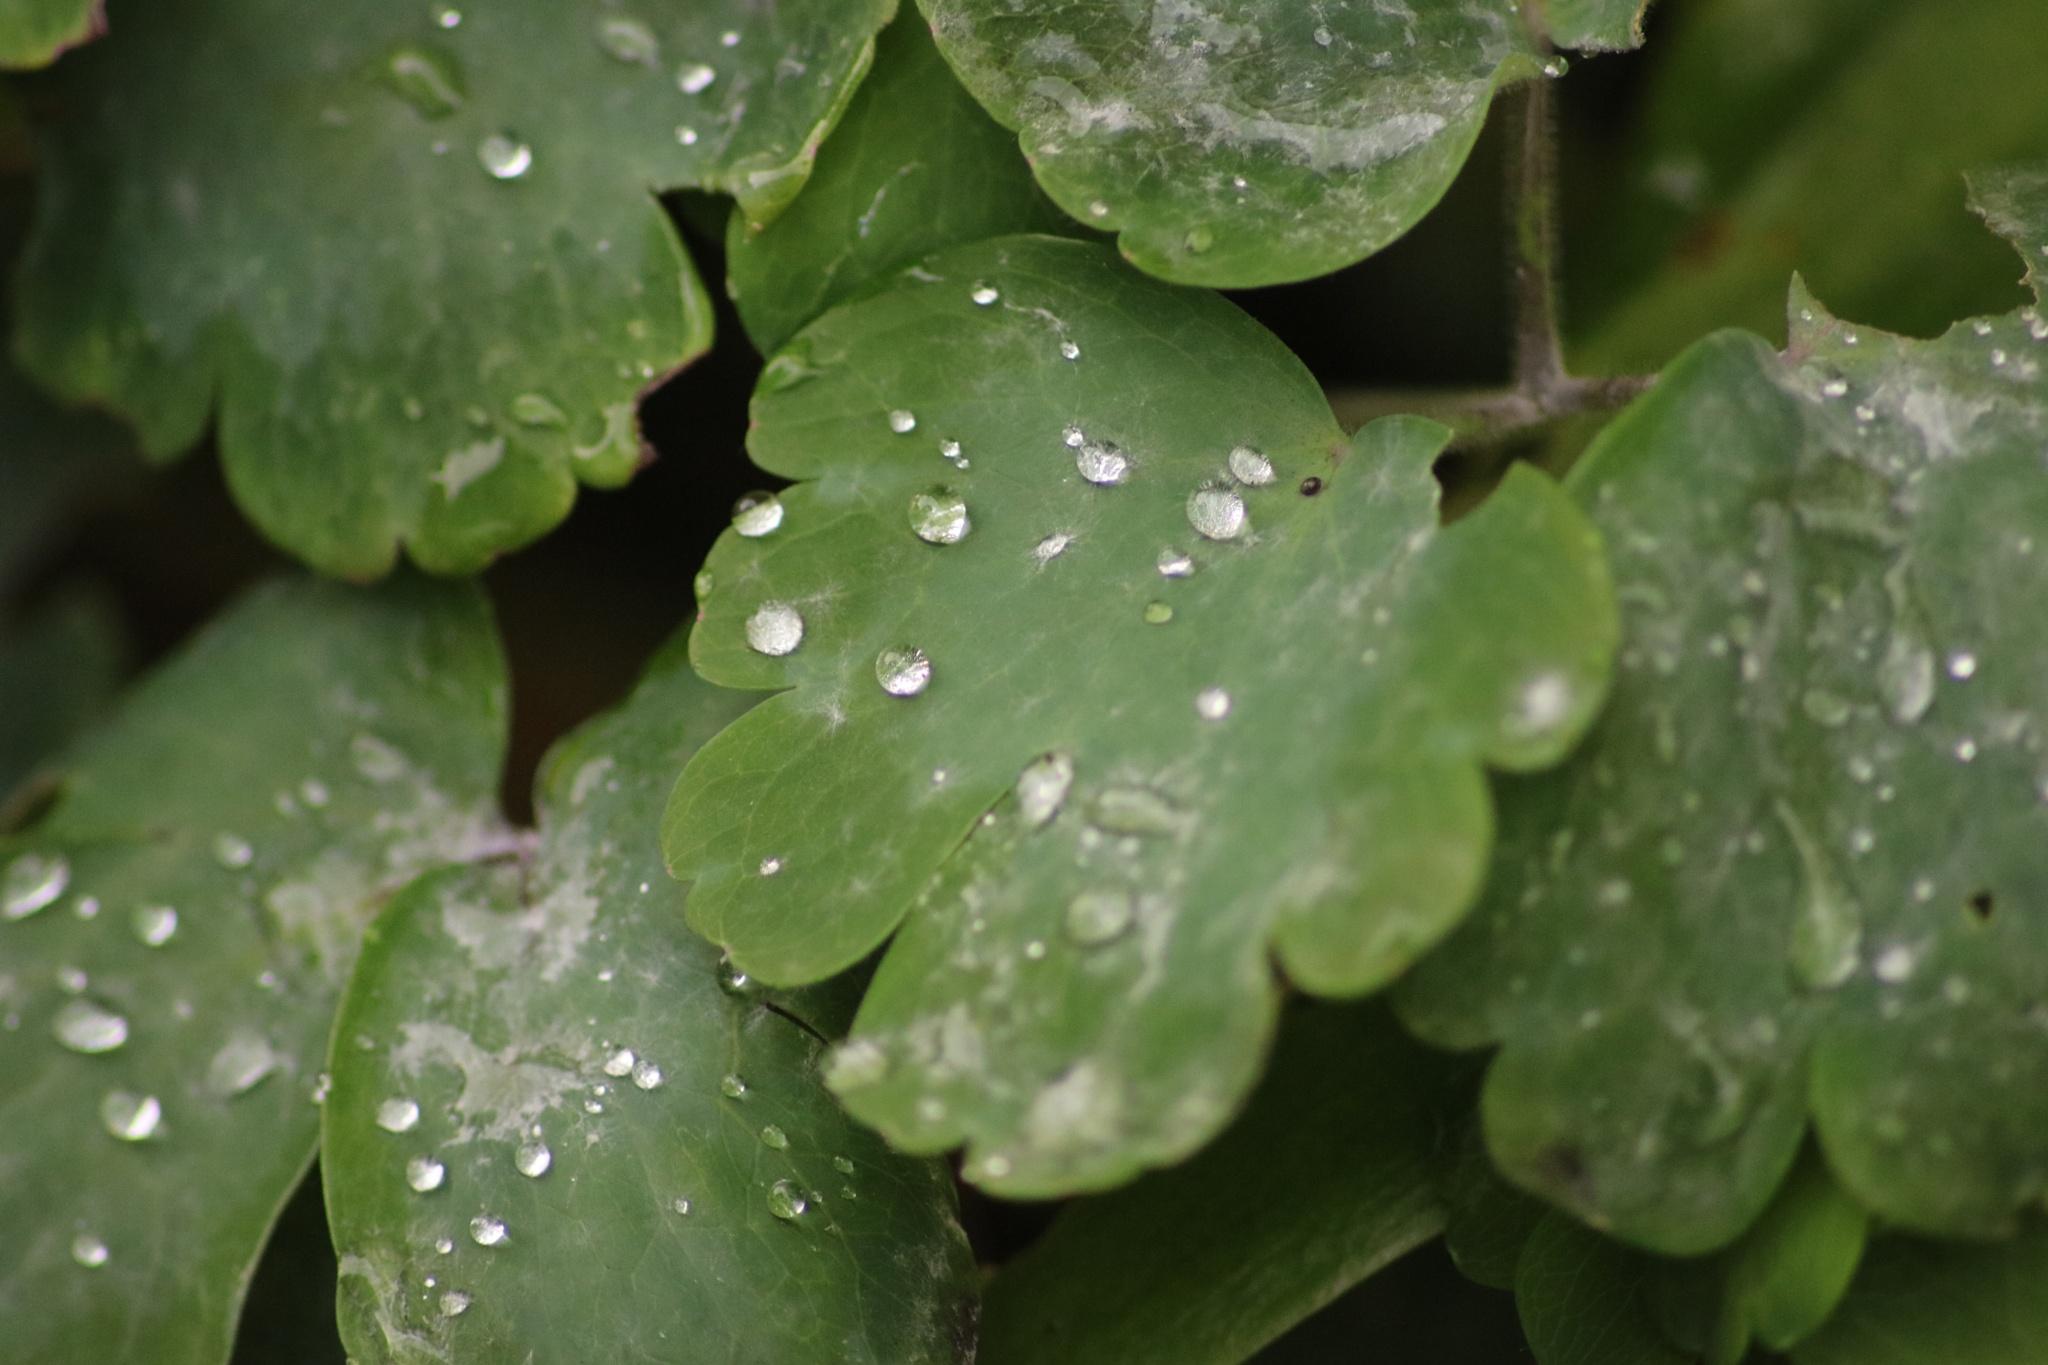 more rain drops  by Josephine